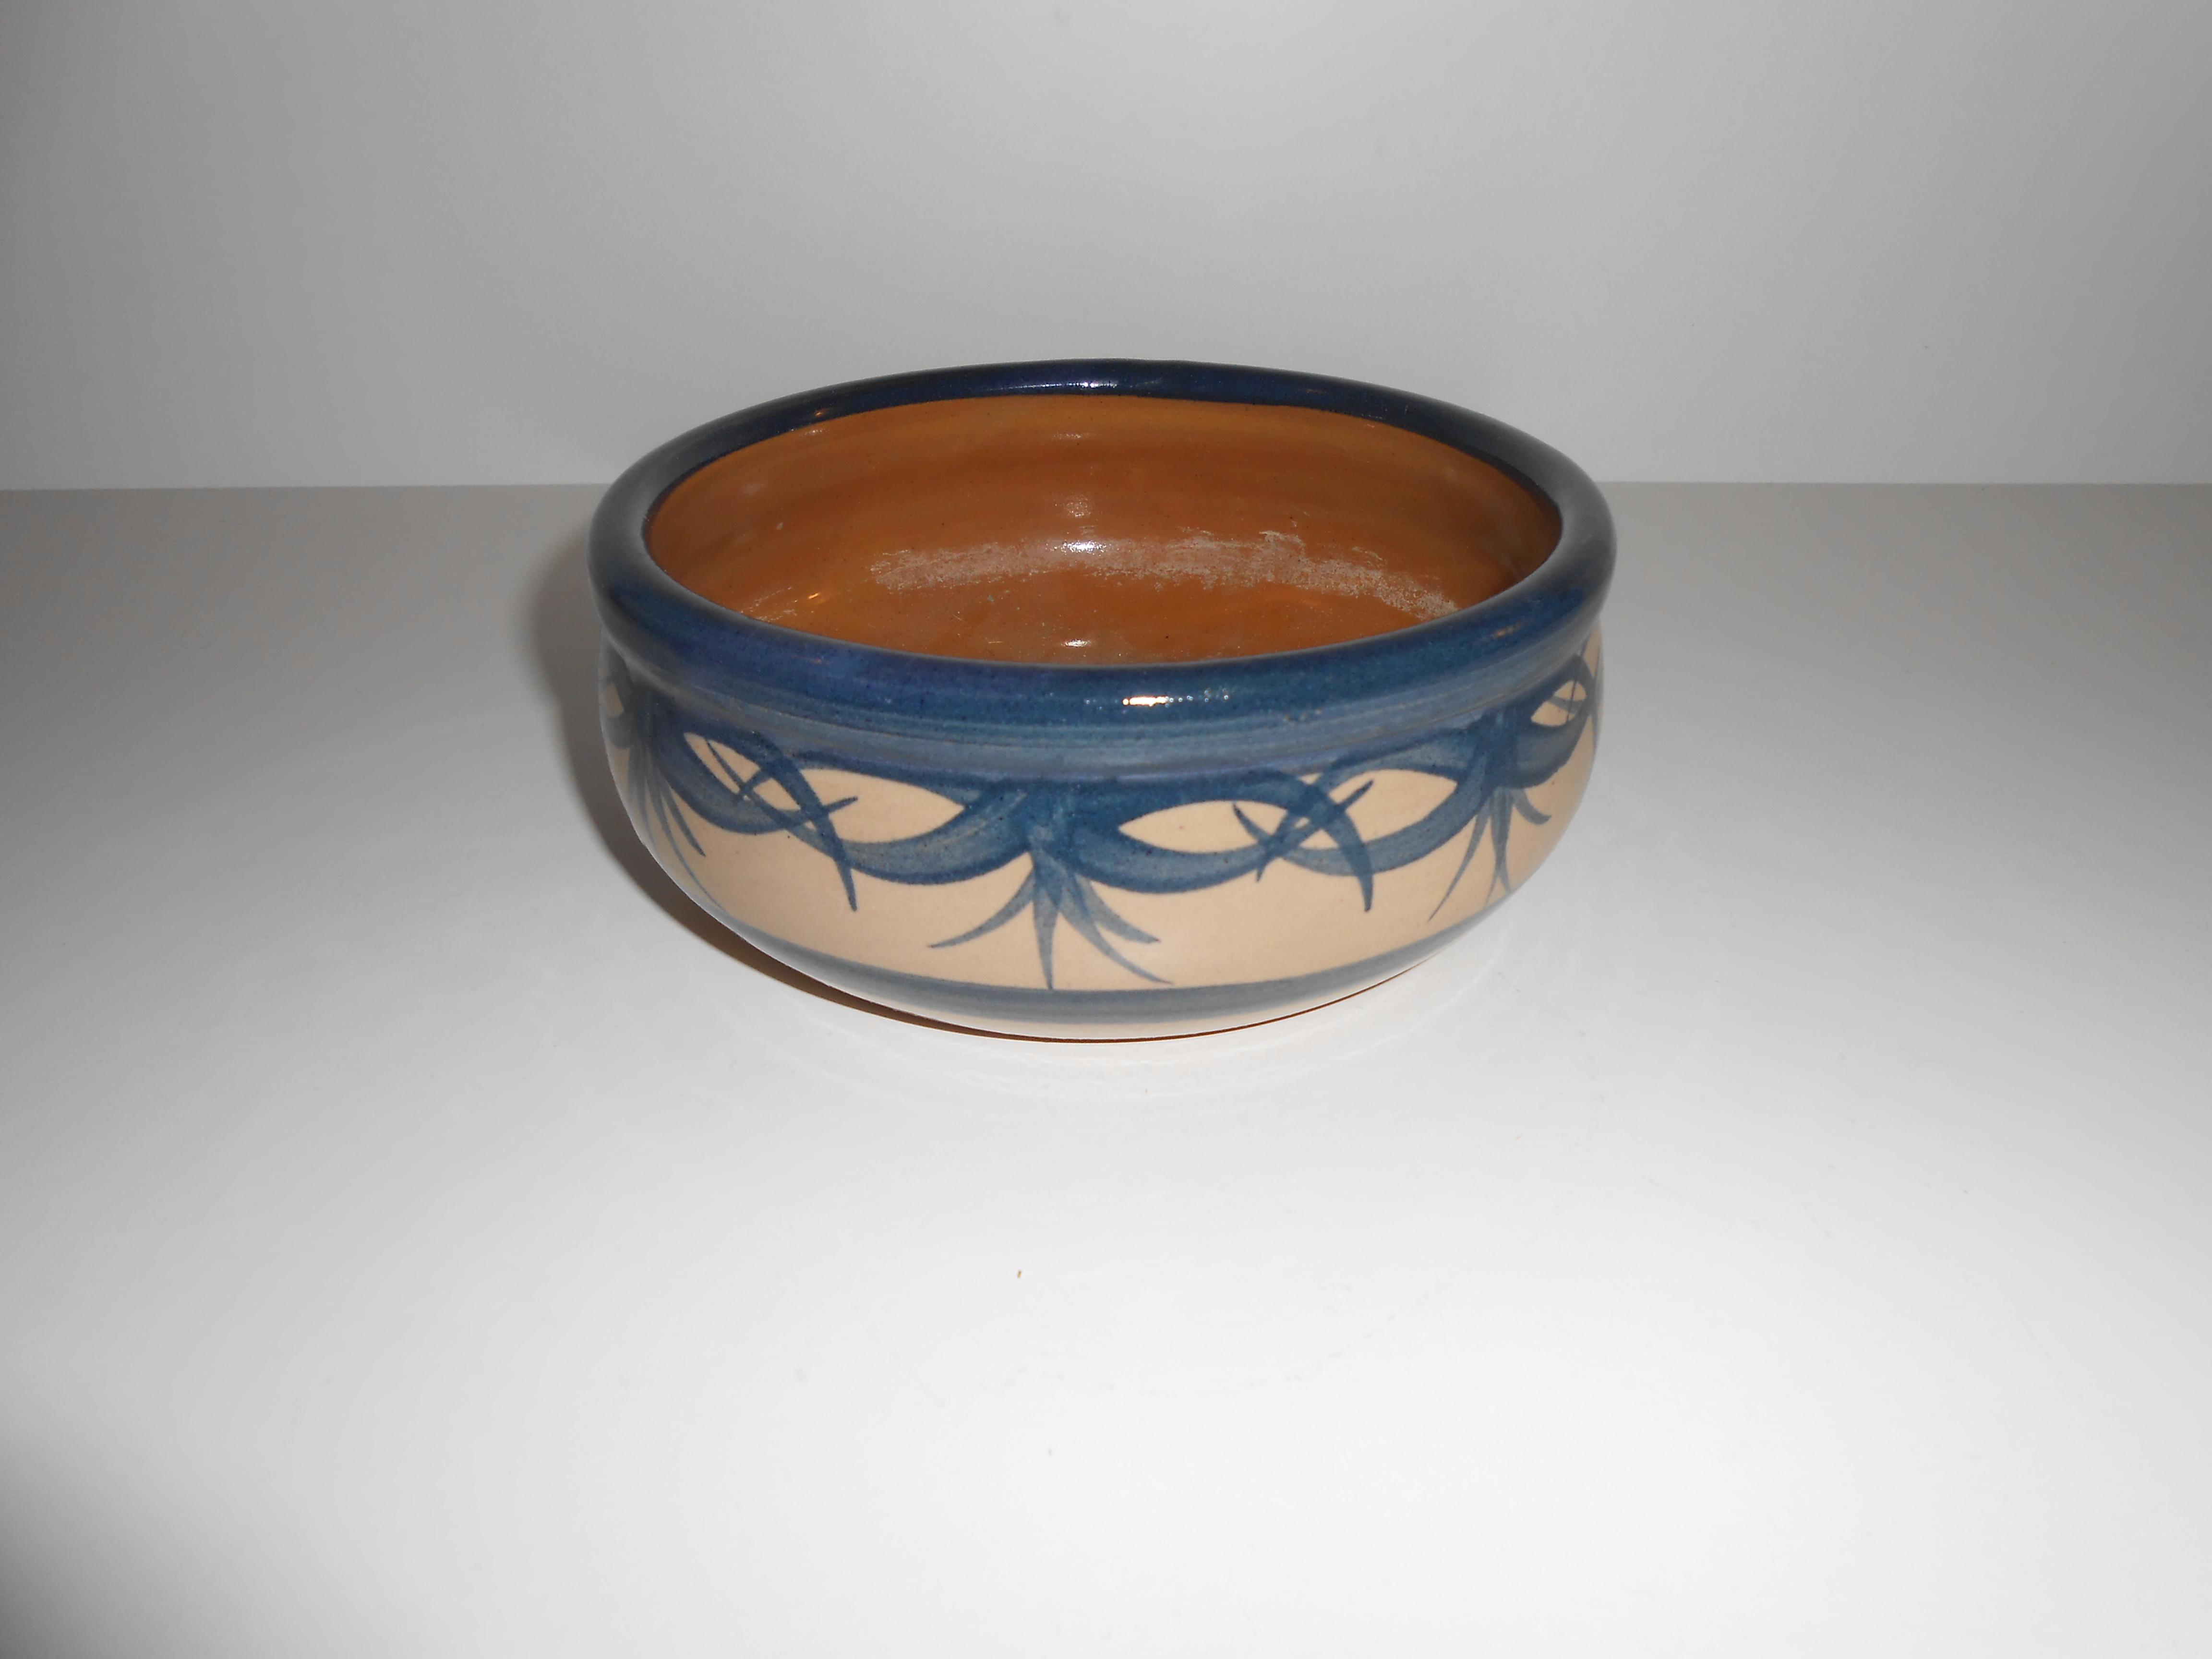 lillerød keramik Skål i keramik: Lillerød – retro design.dk lillerød keramik